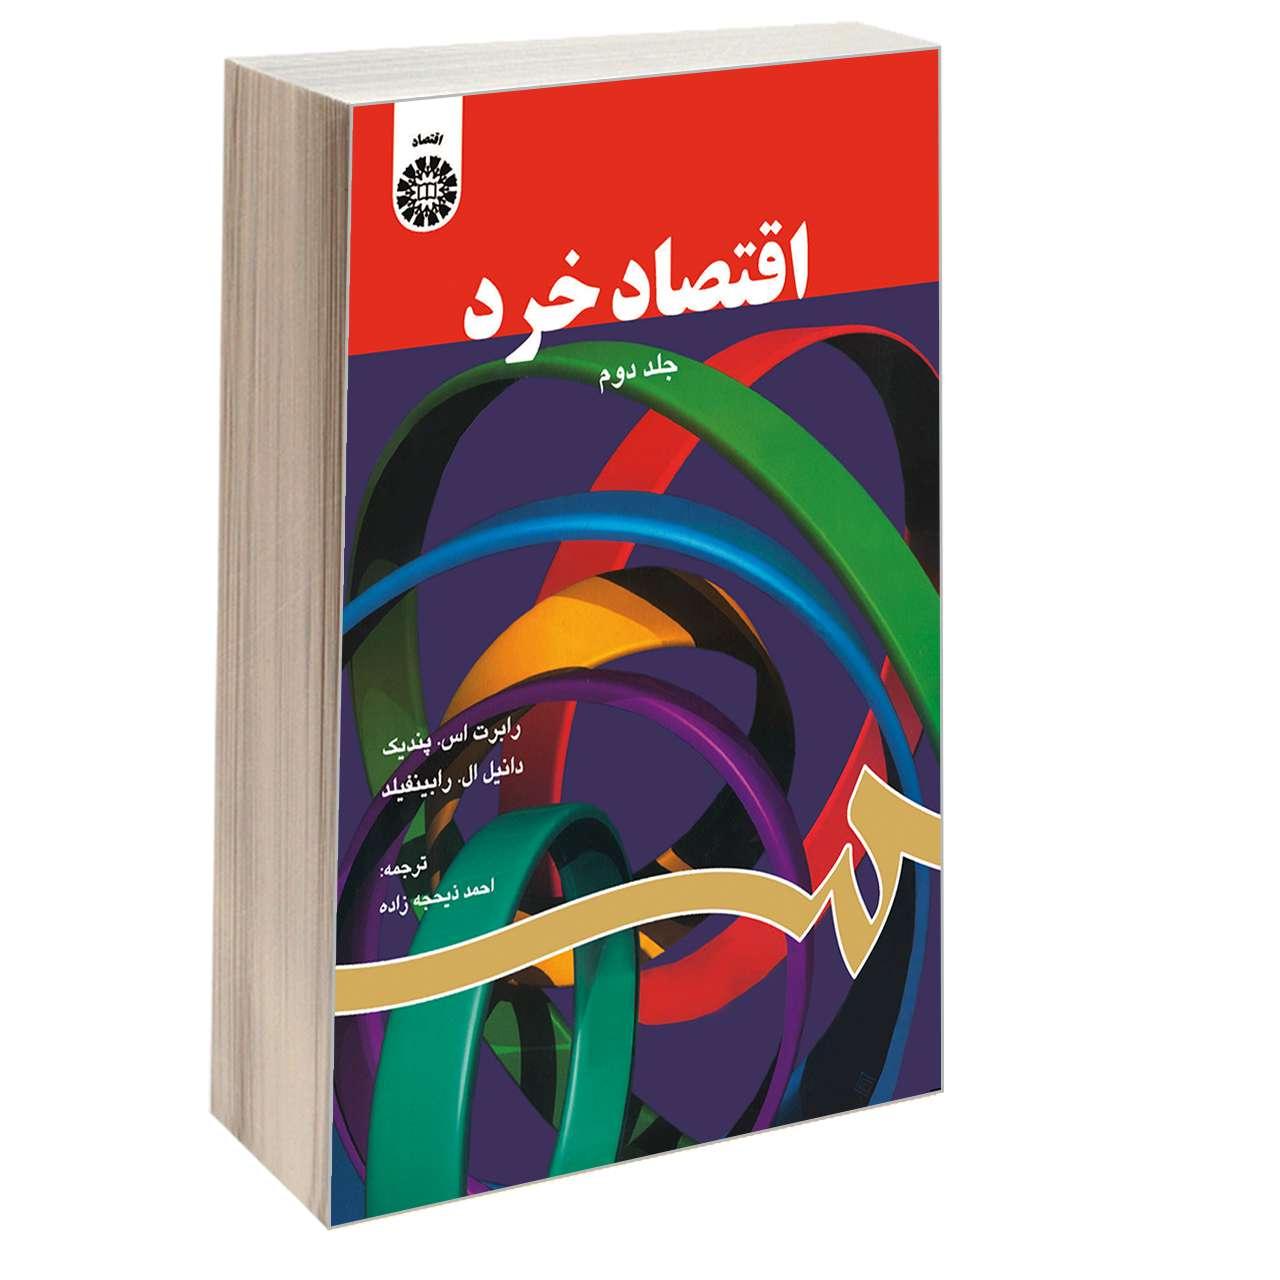 کتاب اقتصاد خرد اثر رابرت اس. پندیک و دانیل ال. رابینفیلد نشر سمت جلد 2